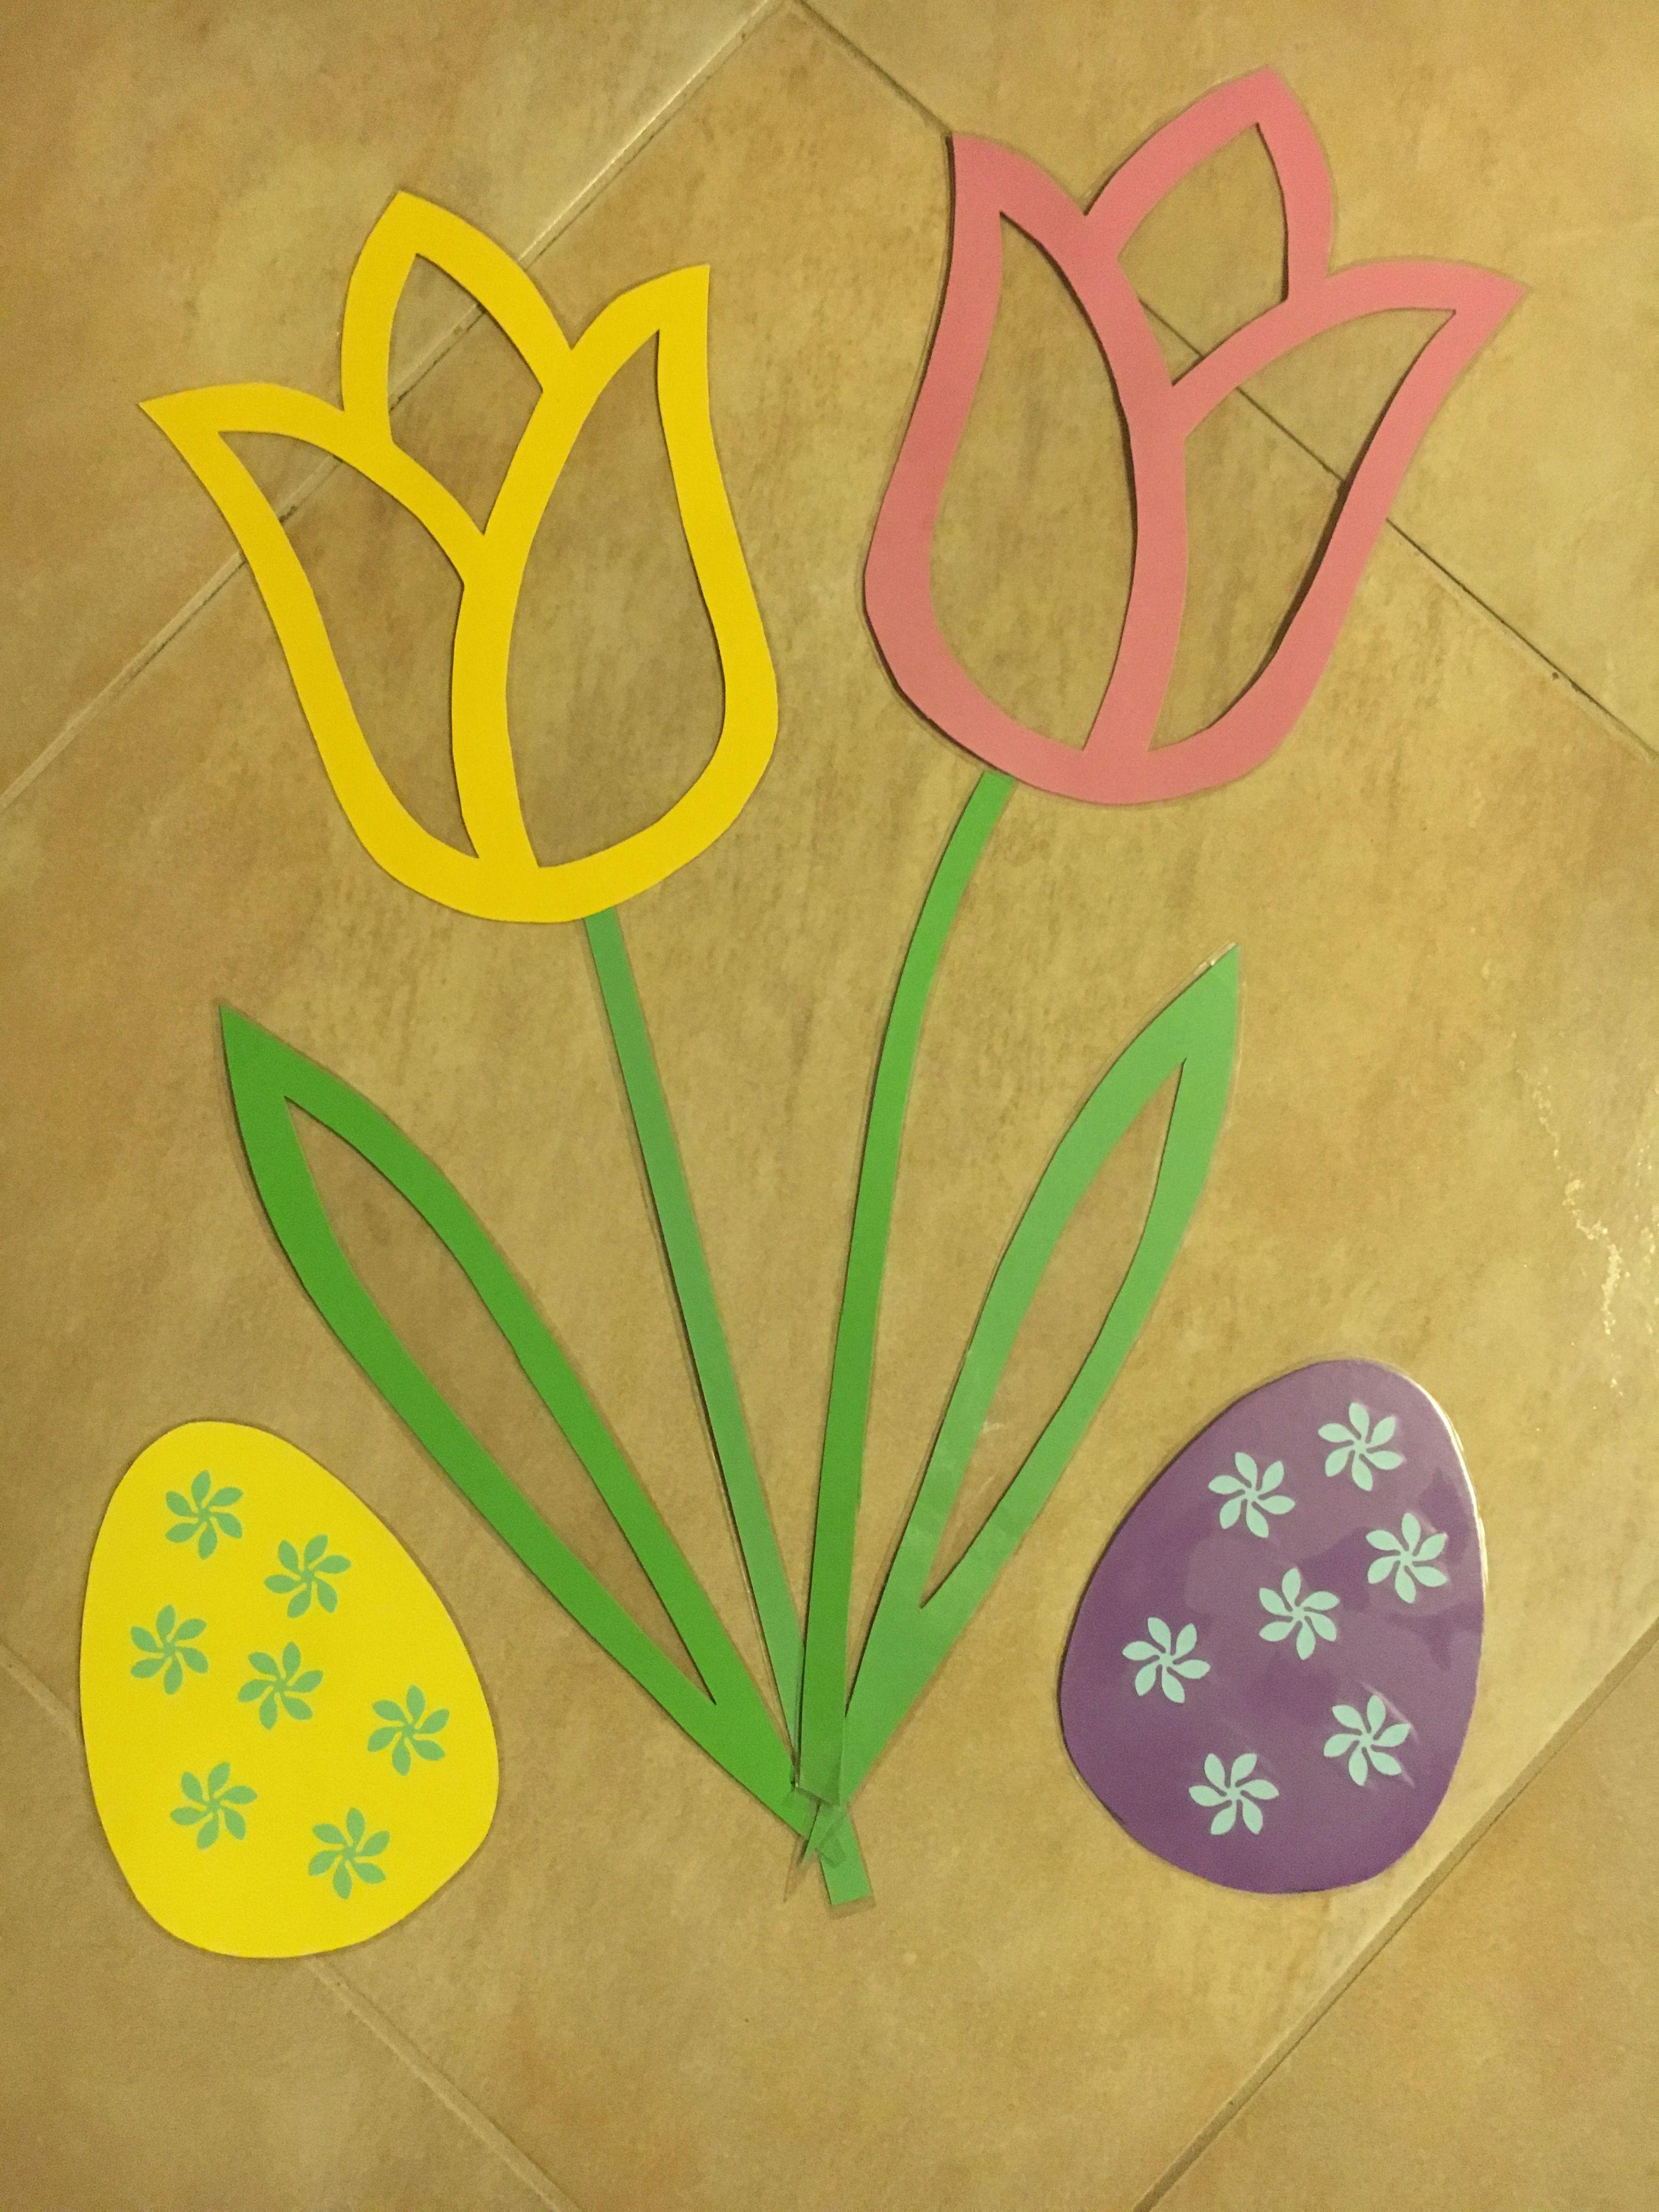 Wiosna Easter Pisanki Sweet Slodko Milosc Dekoracja Przedszkole Kwiaty Spring Crafts Sunday School Crafts For Kids Fun Easter Crafts